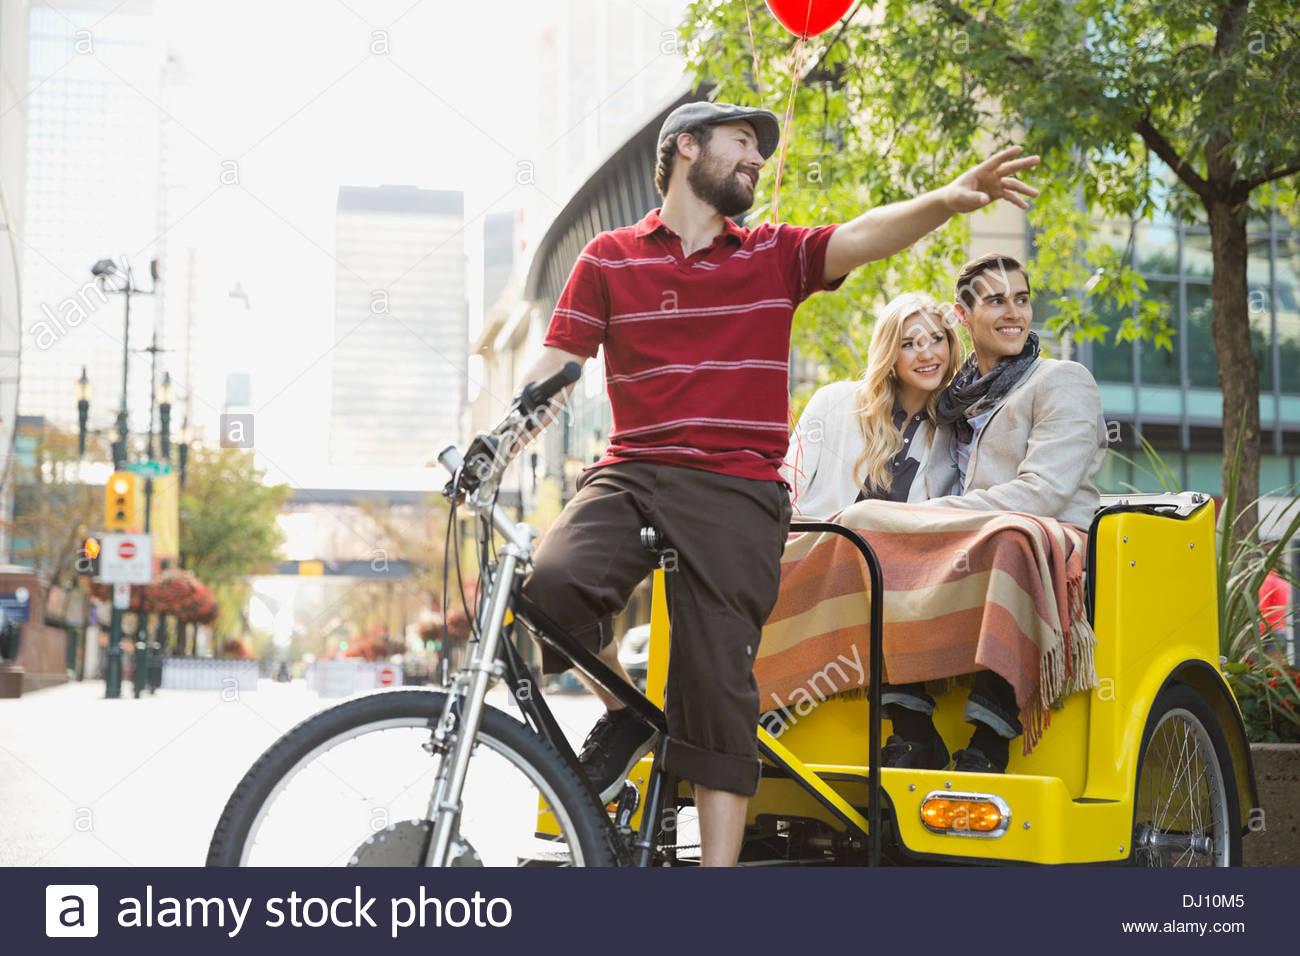 Rikscha-Fahrer, die Wahrzeichen der Stadt, paar hinweisen Stockbild